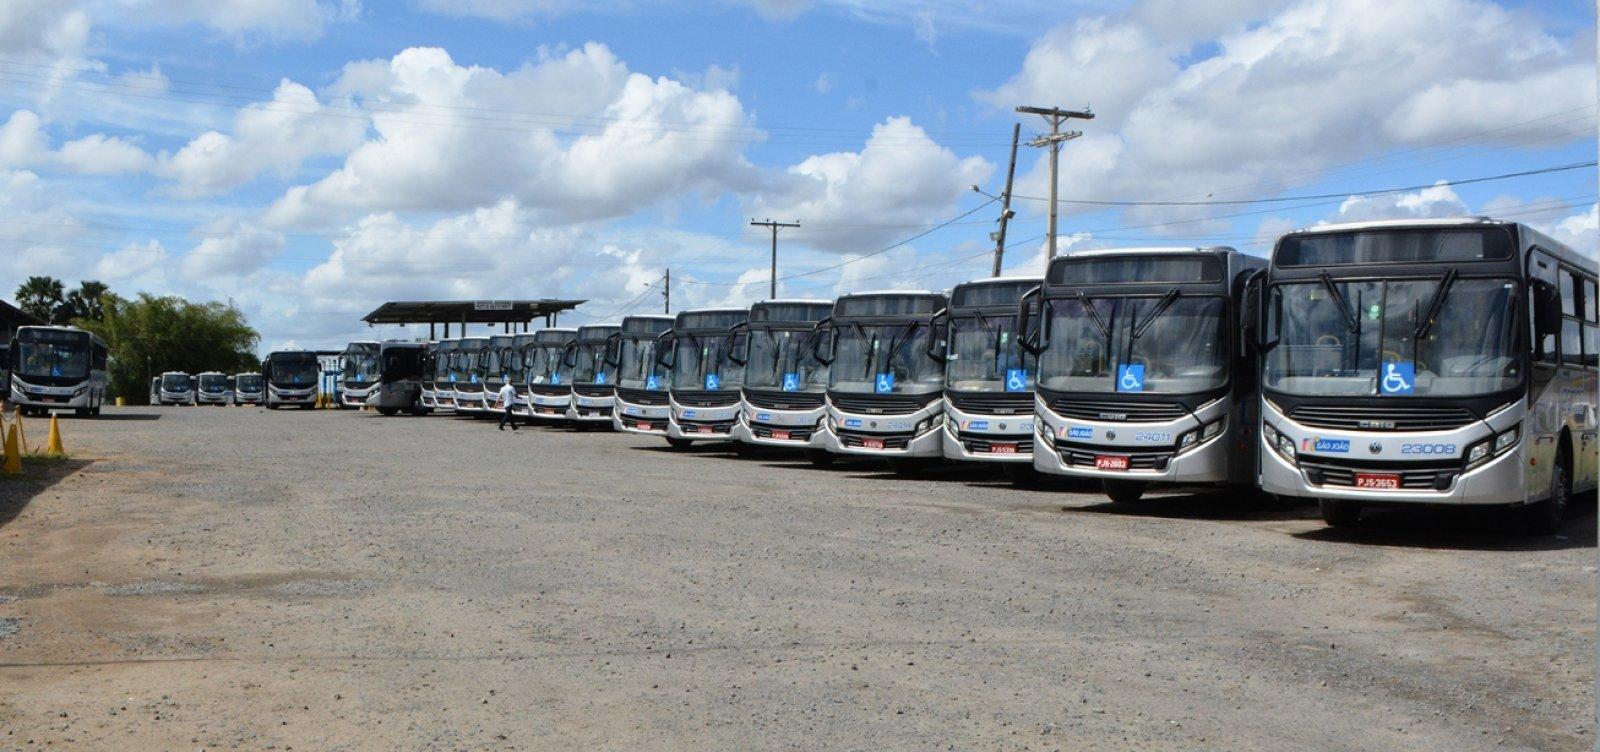 Feira de Santana tem parte da frota de ônibus paralisada neste sábado